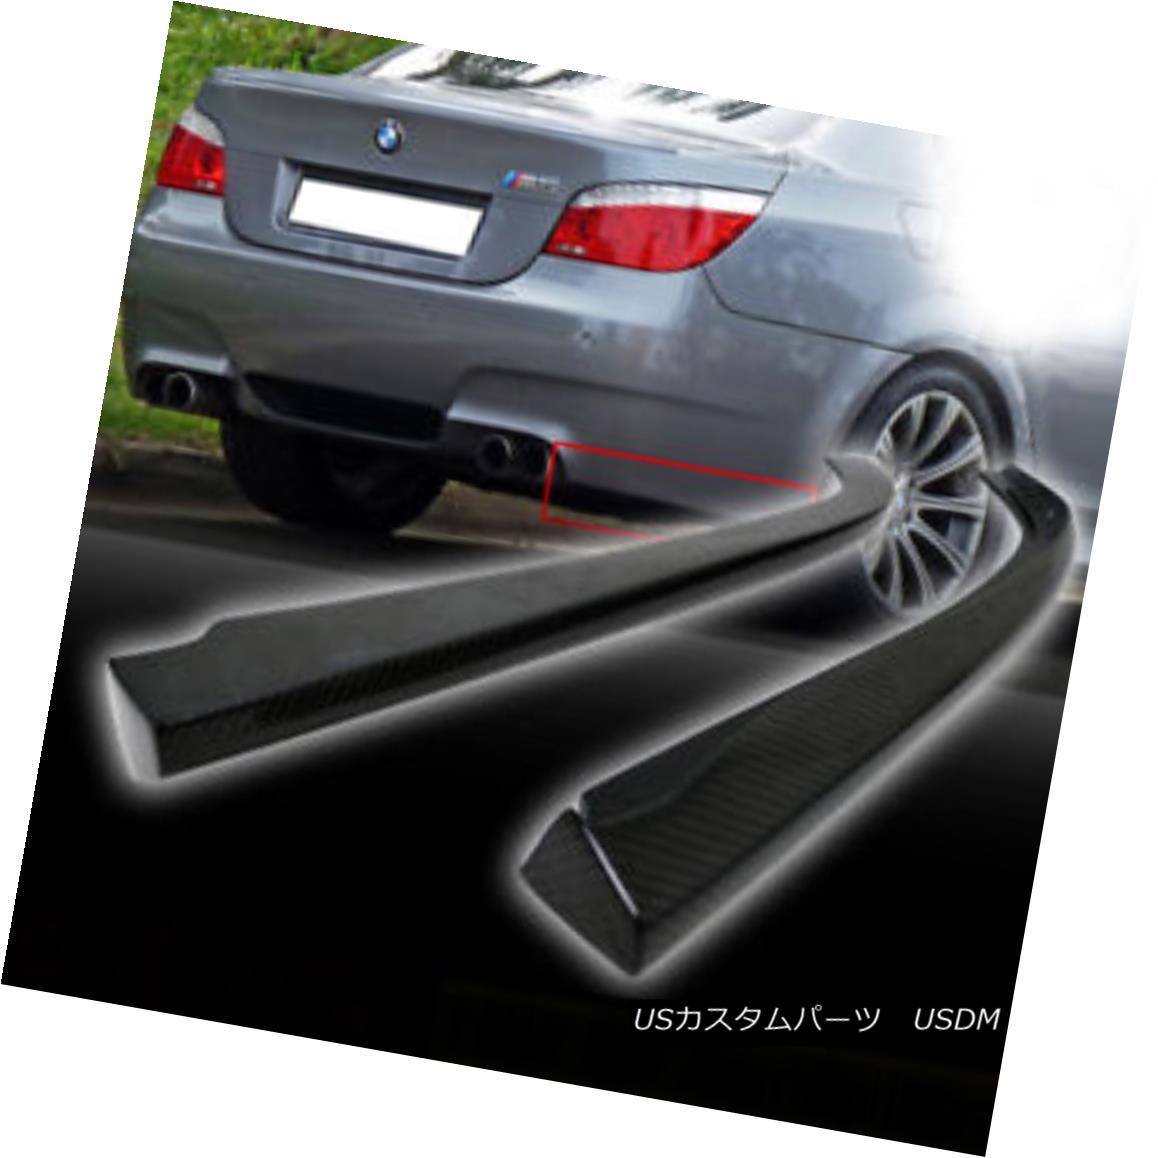 エアロパーツ Carbon Fiber BMW 5-SERIES E60 4DR M5 Model Body Kits Rear Lip Bumper Splitter ▼ カーボンファイバーBMW 5-SERIES E60 4DR M5モデルボディキットリアリップバンパースプリッター?